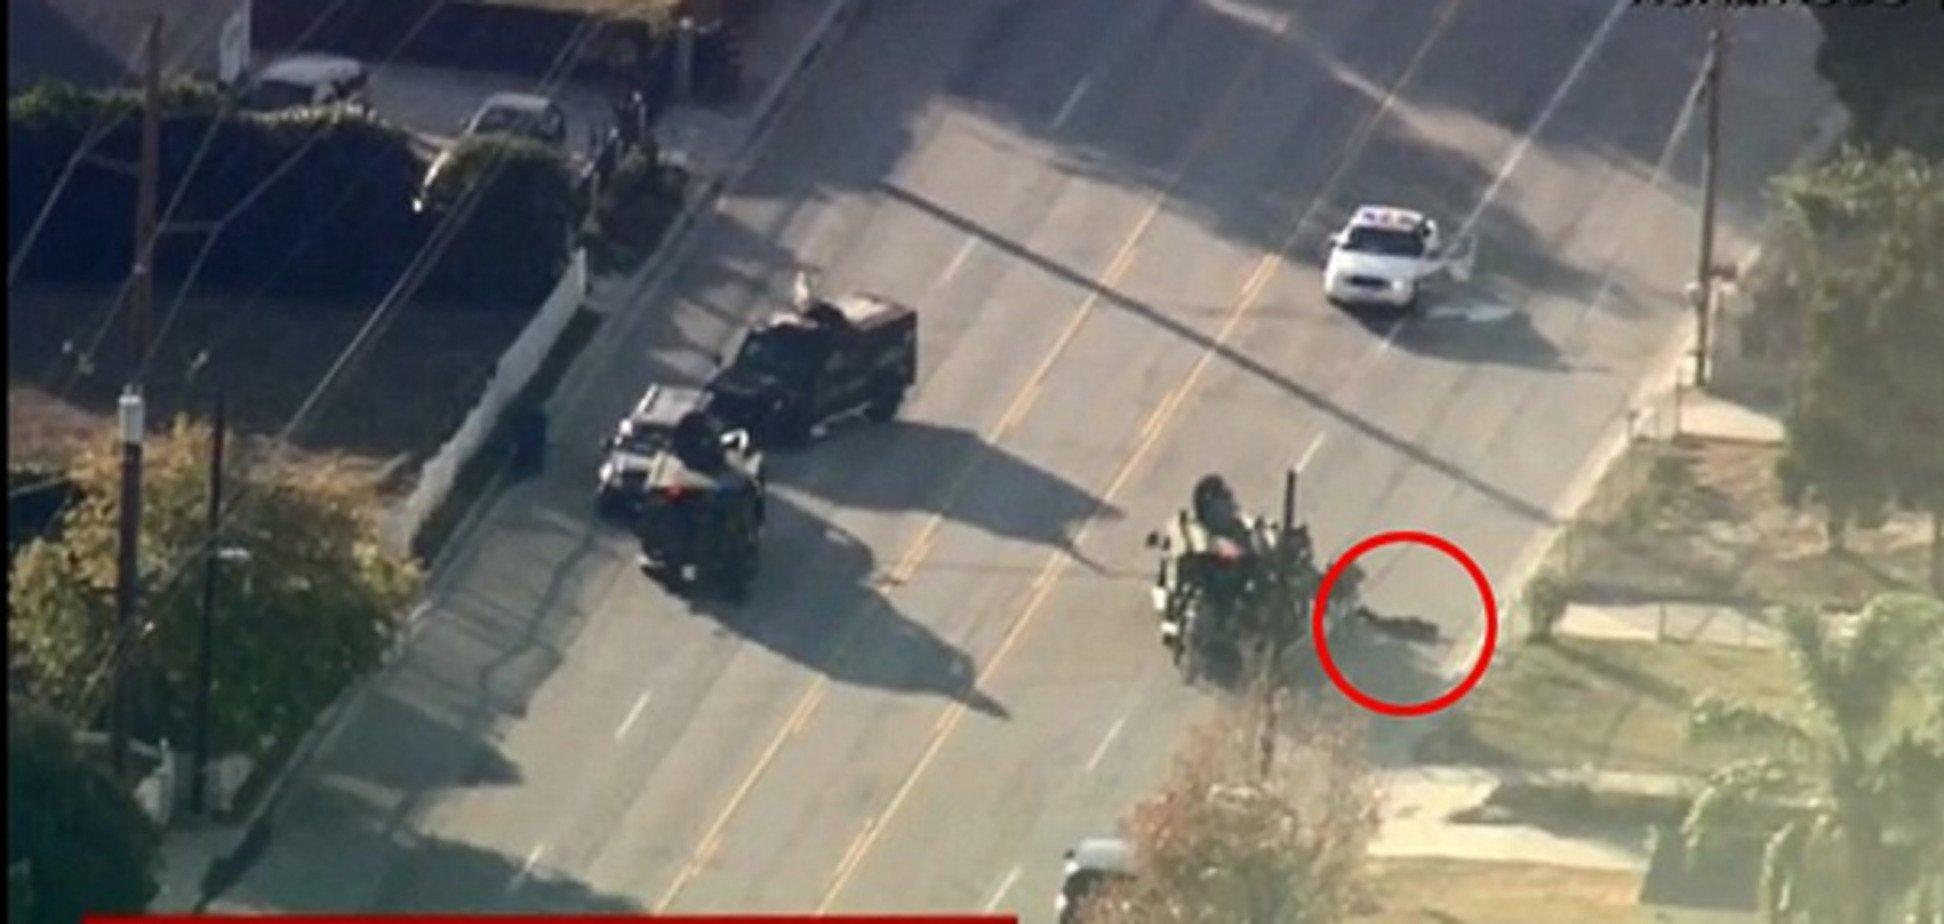 Расстрел в Калифорнии: один 'стрелок' убит в перестрелке с полицией